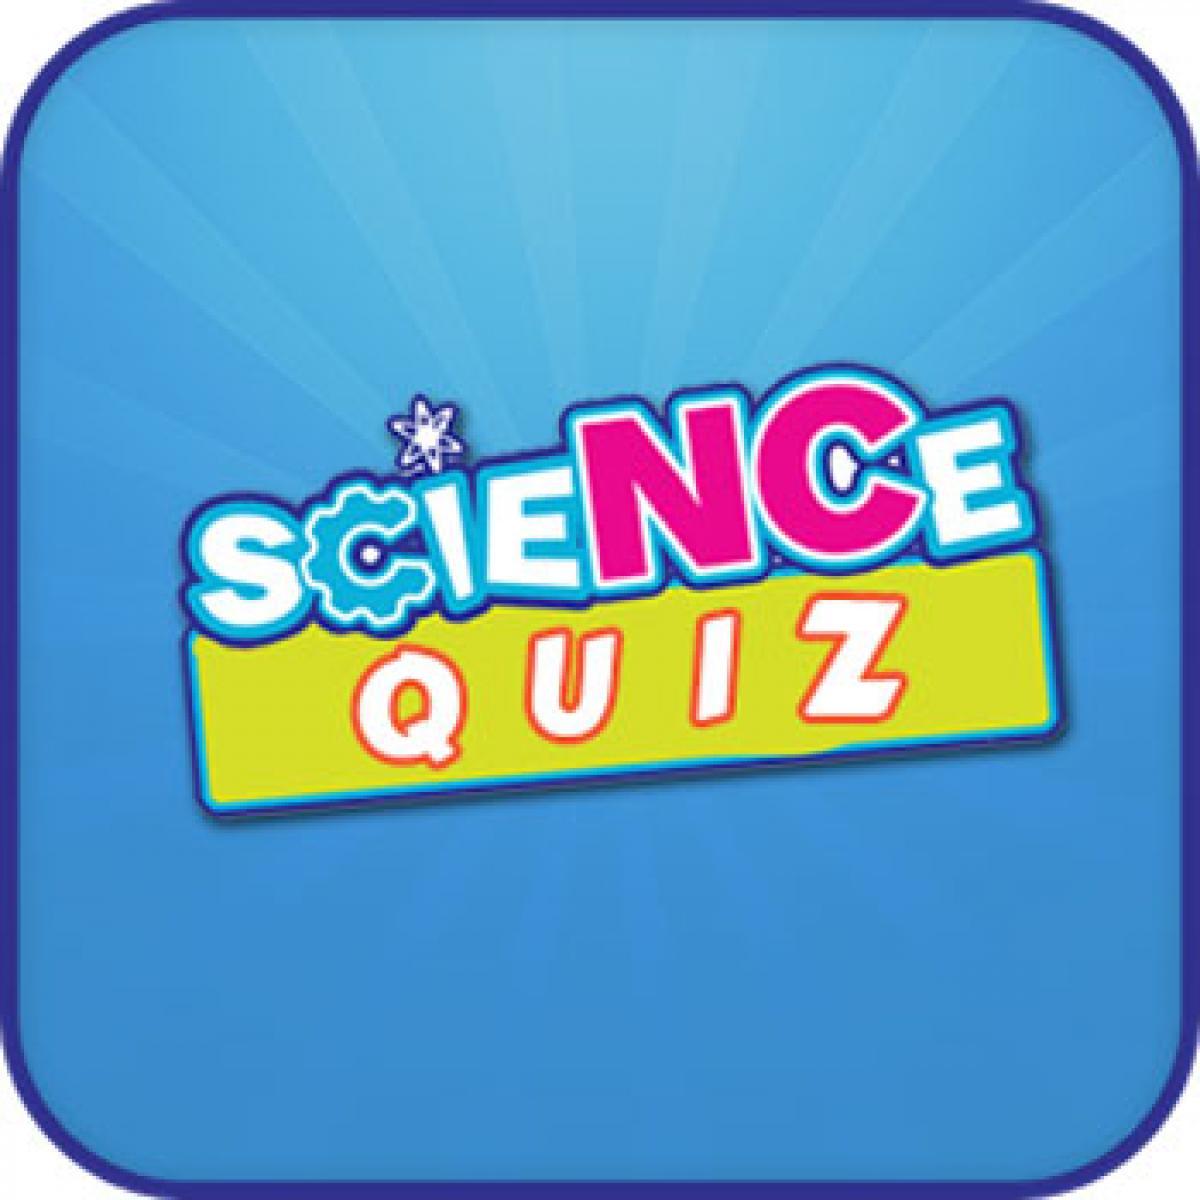 Hyd school wins annual science quiz